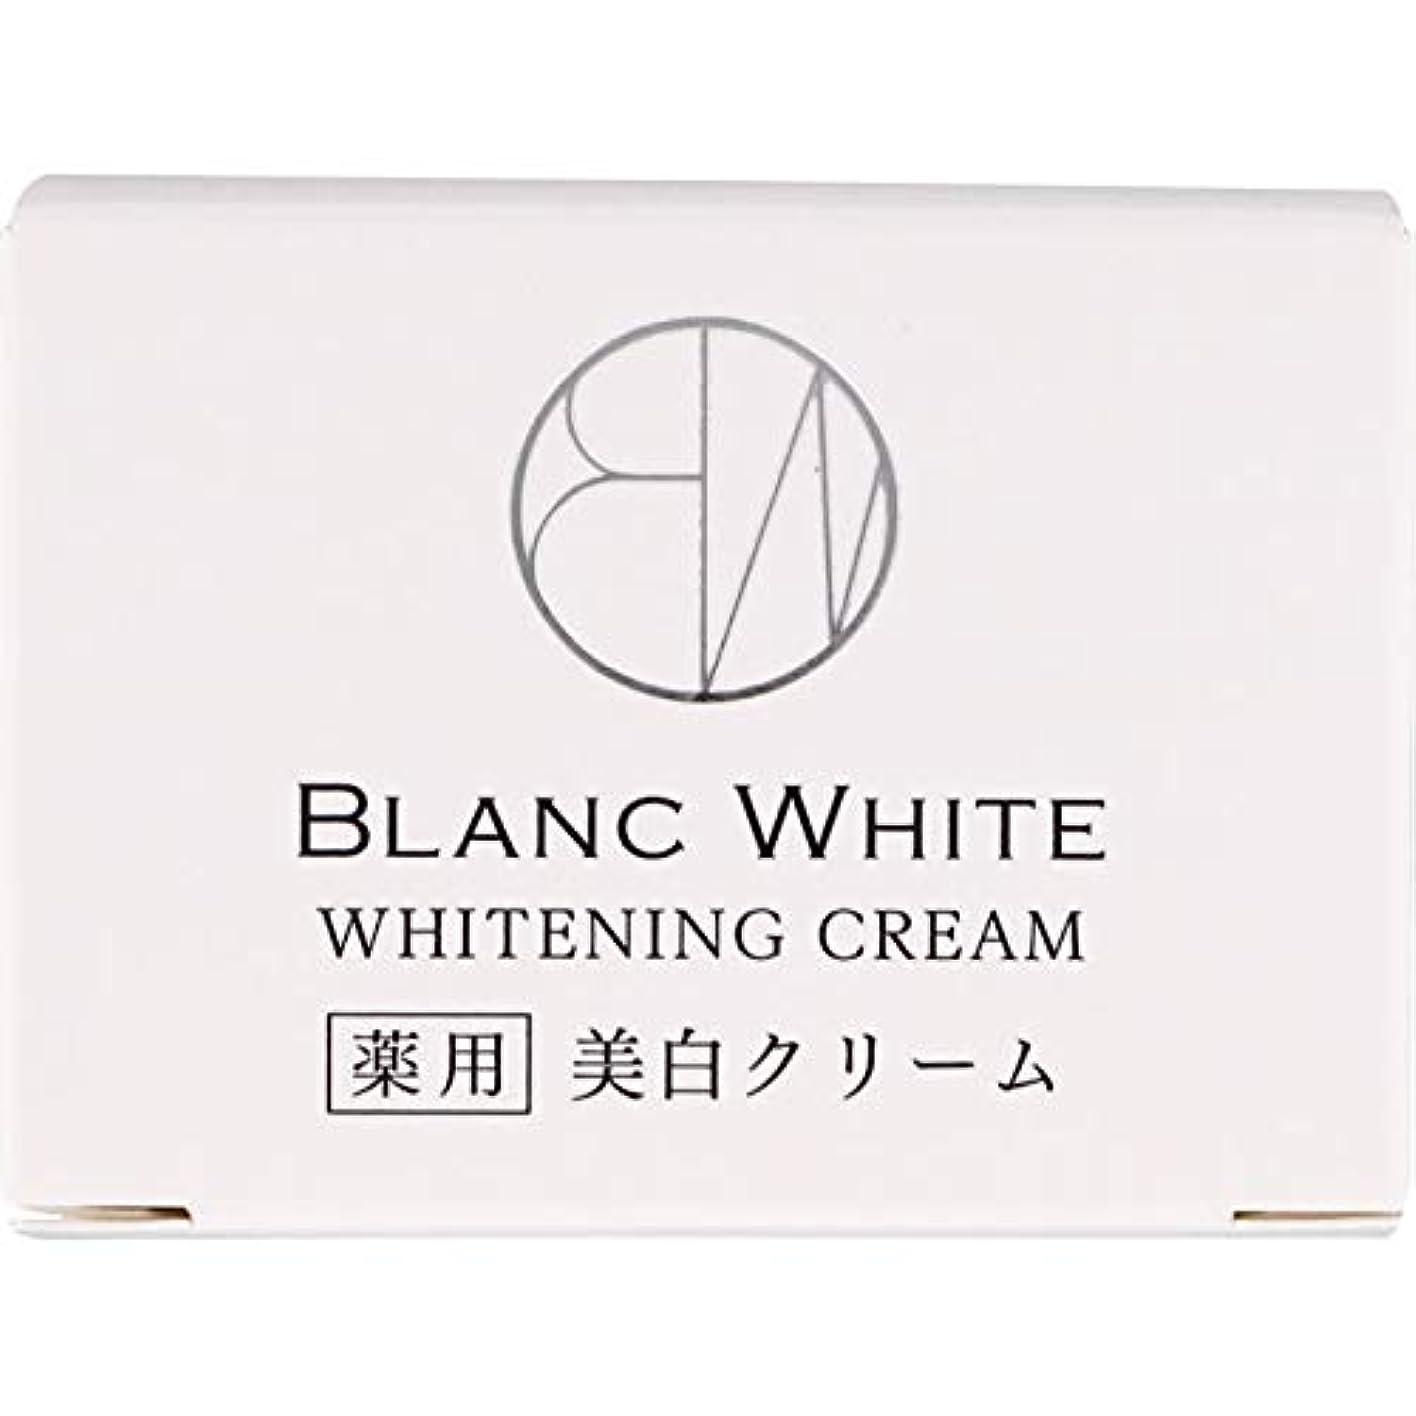 地上のひまわり効果ブランホワイト ホワイトニング クリーム 45g